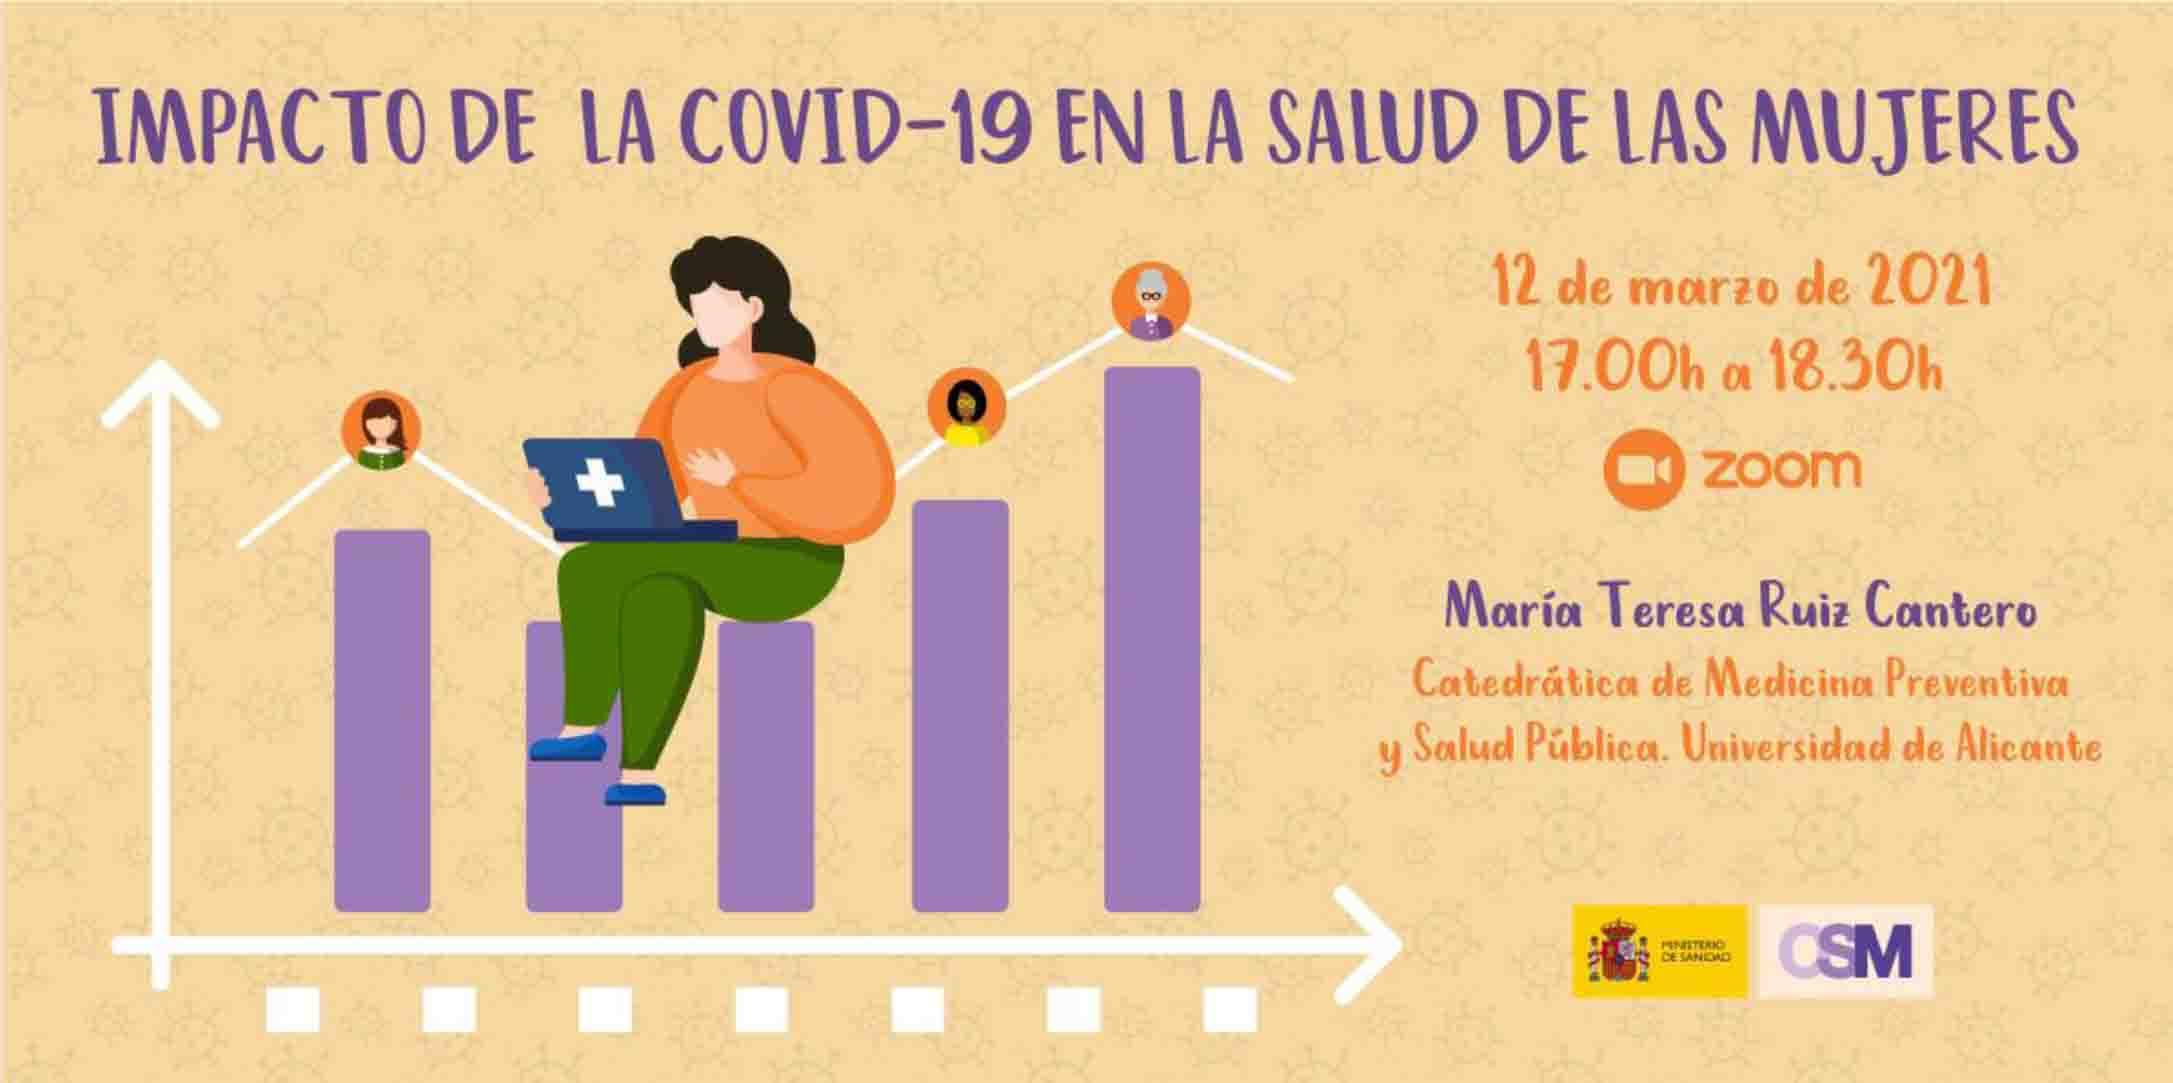 Ciclo de webinars sobre el impacto de la pandemia por COVID-19 en la salud de las mujeres